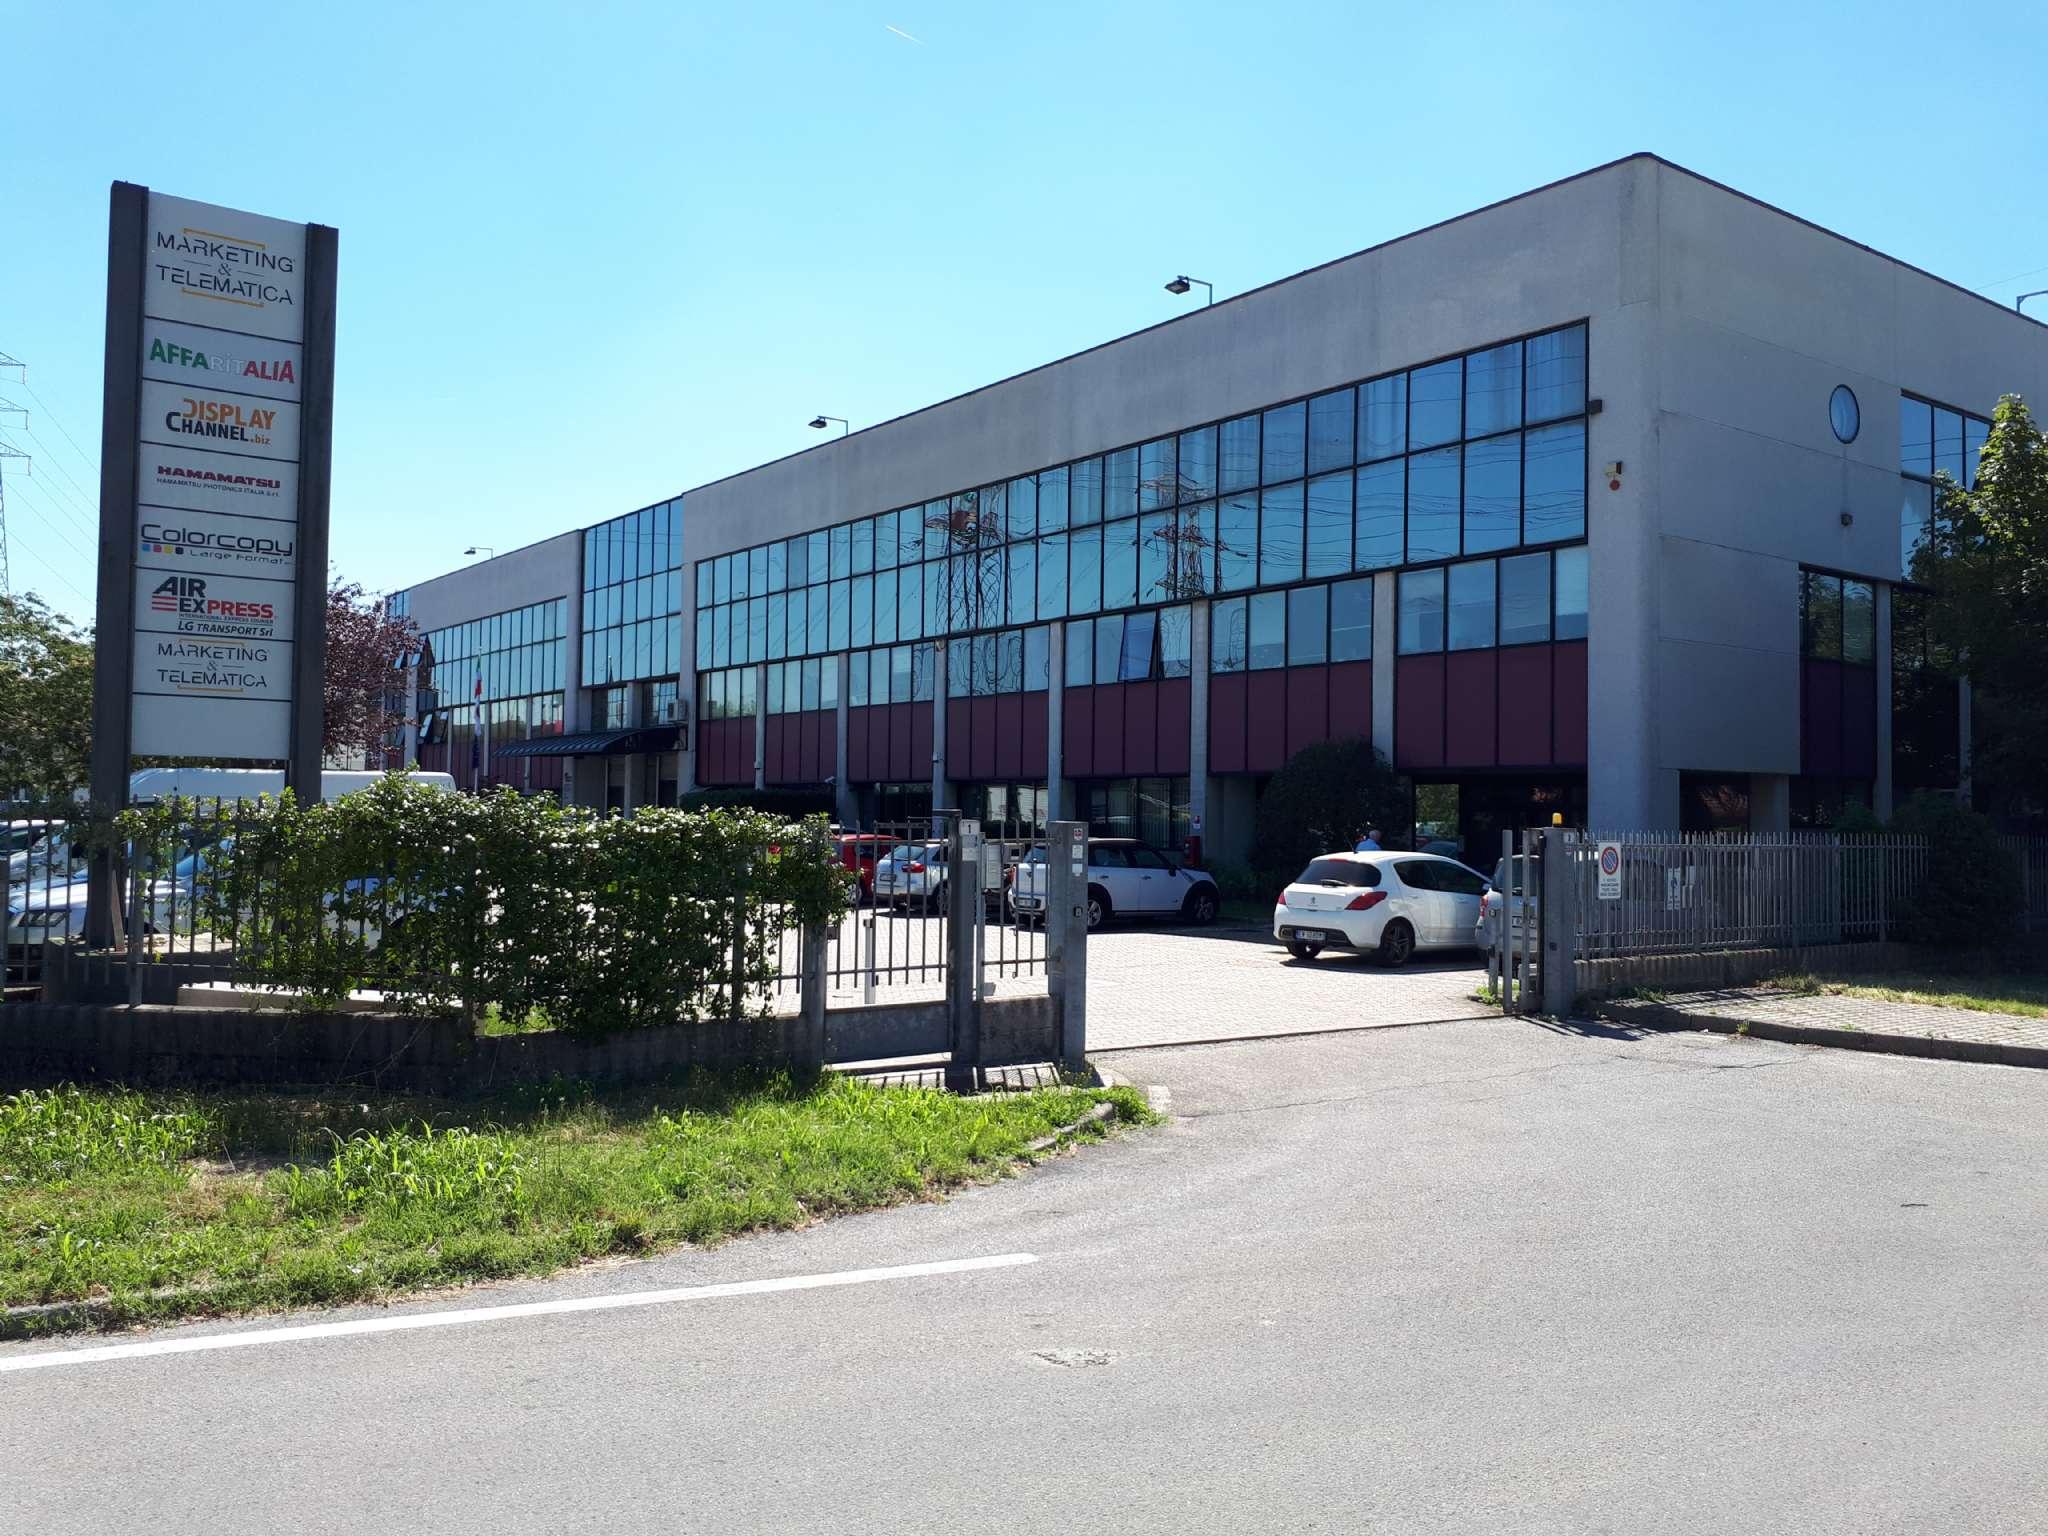 Immobile Commerciale in affitto a Arese, 3 locali, prezzo € 920 | CambioCasa.it